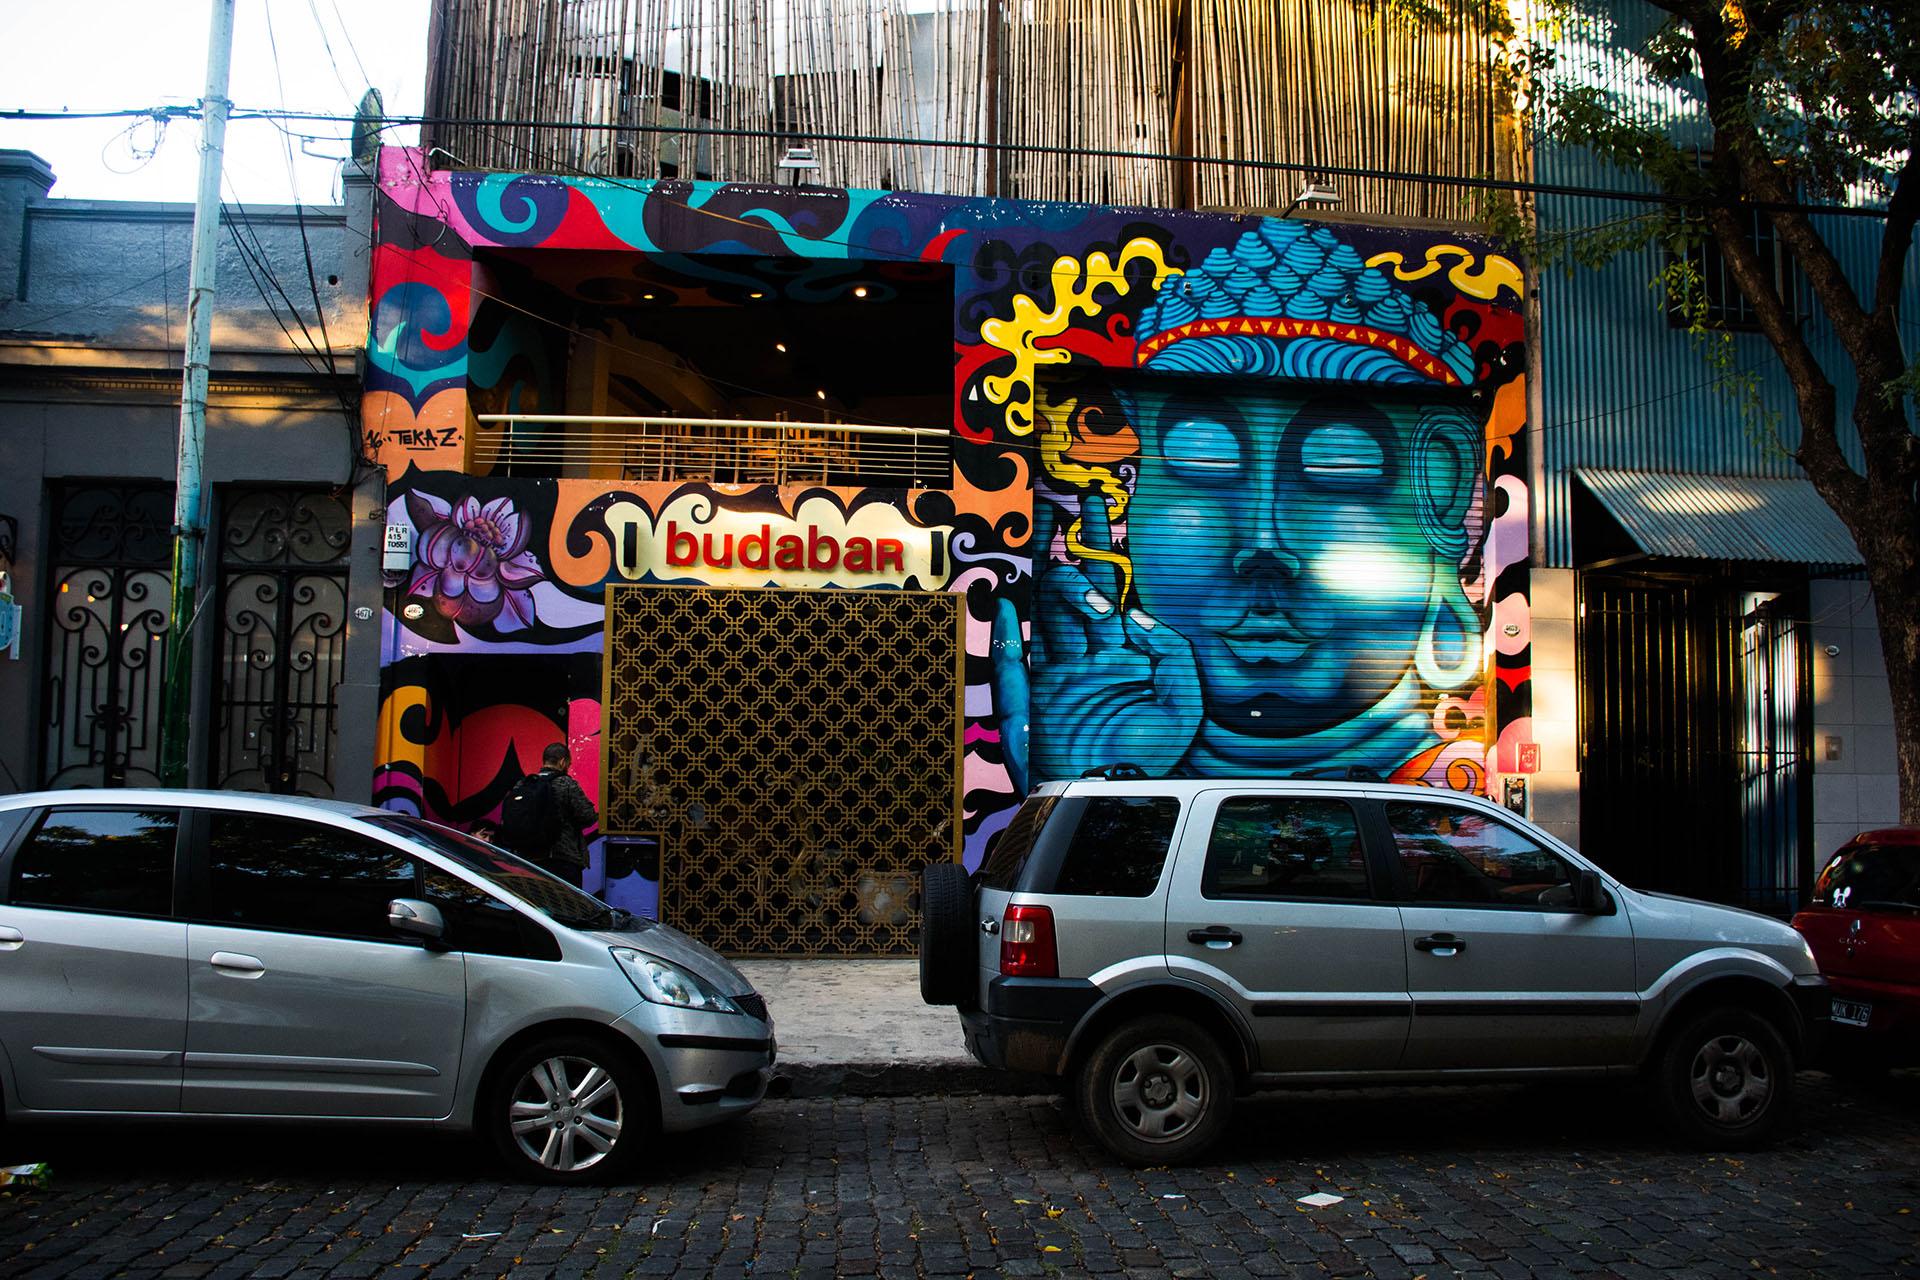 El trabajo de ilustradores y graffiteros se puede ver en algunas fachadas de los locales